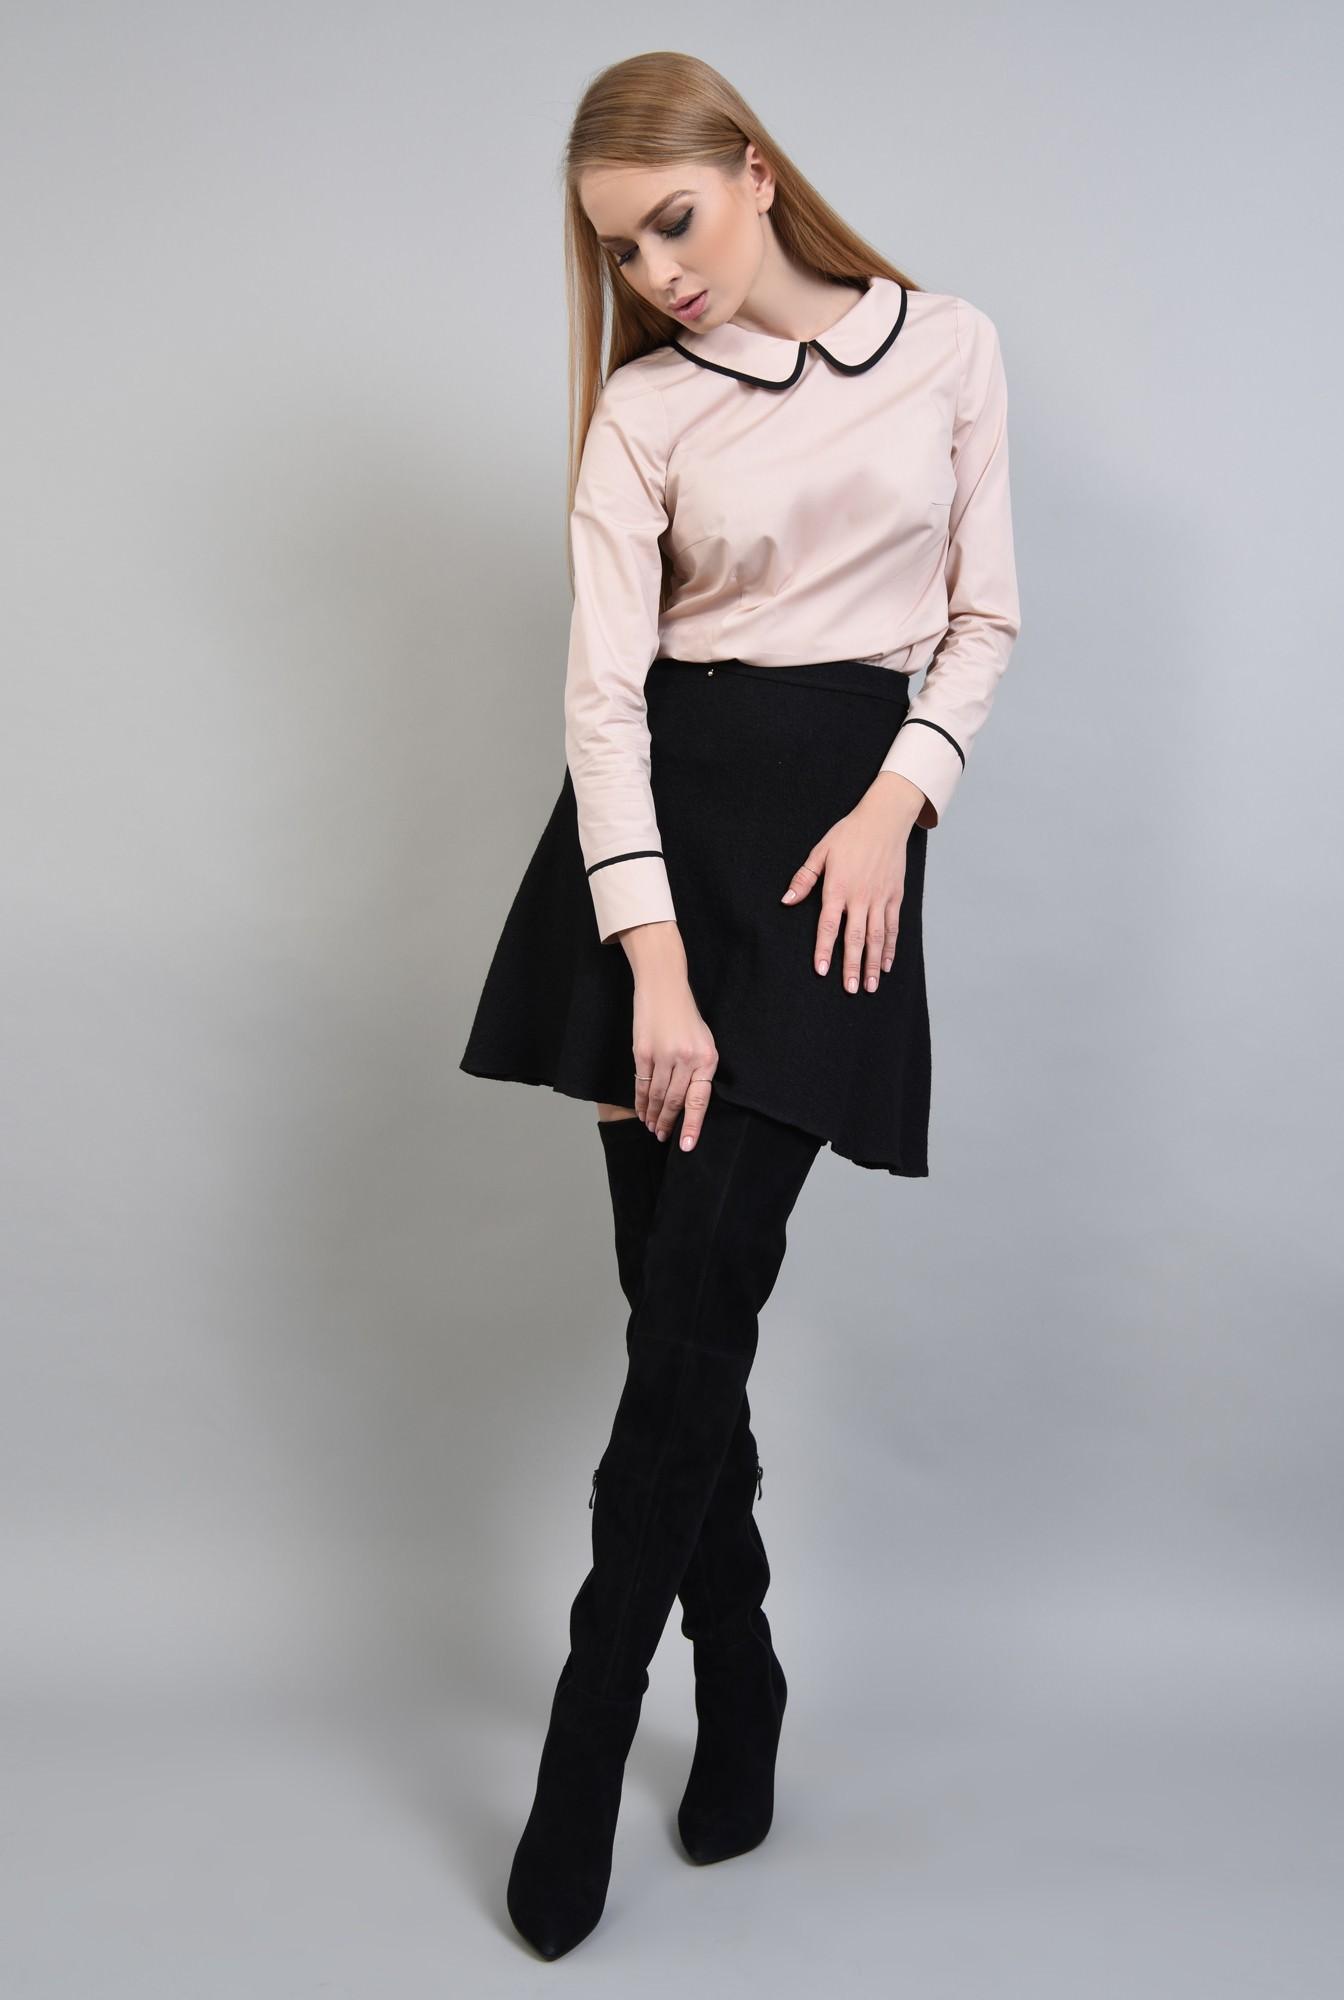 0 - Bluza casual, negru, butoniera